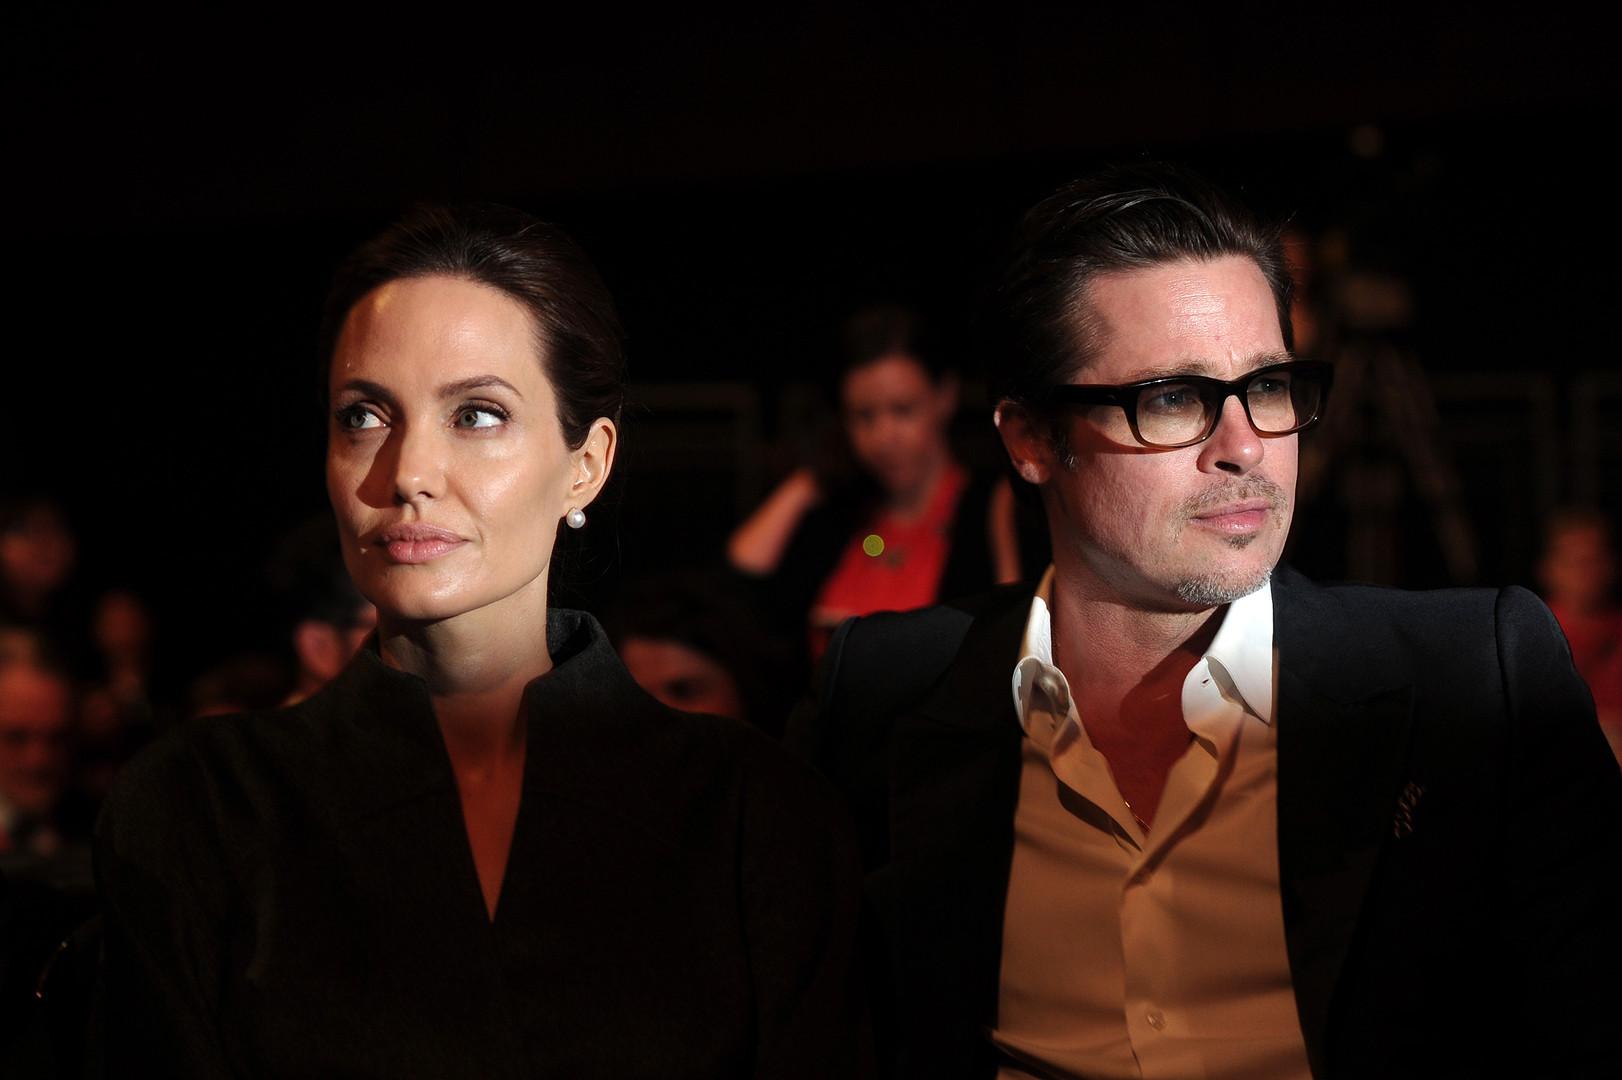 Голливудские ссоры: чей развод стал для вас самым неожиданным